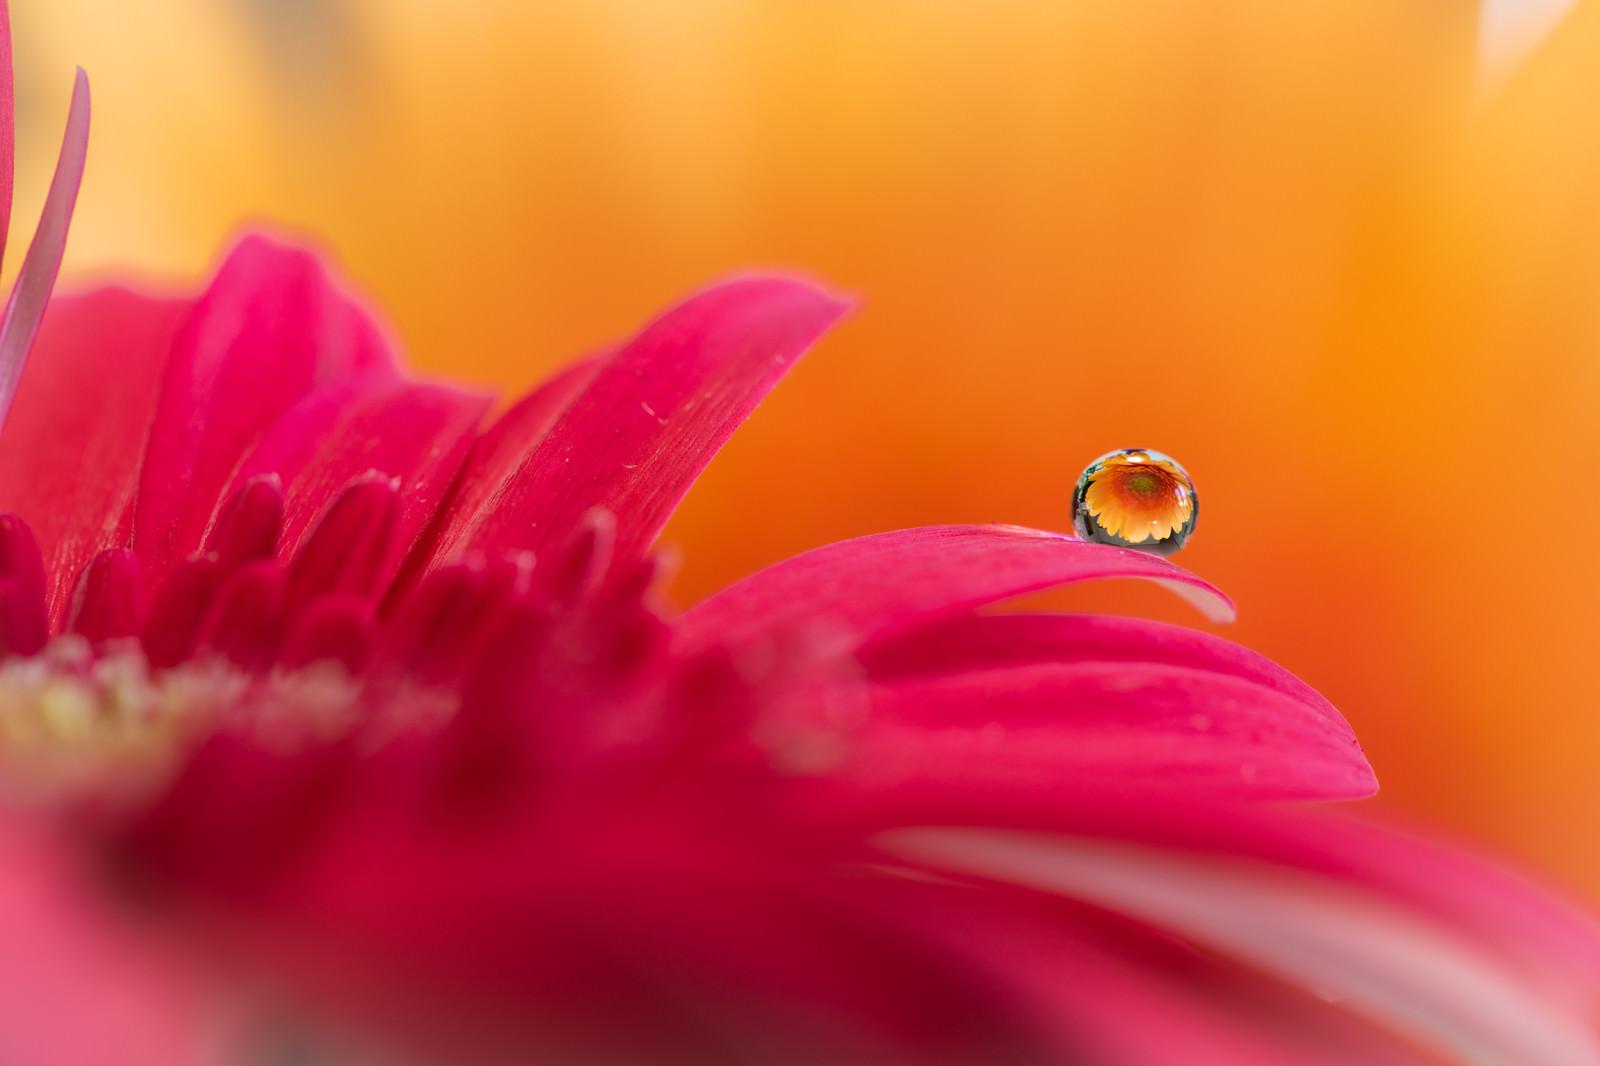 「水滴に逆さに映る黄色の花」の写真